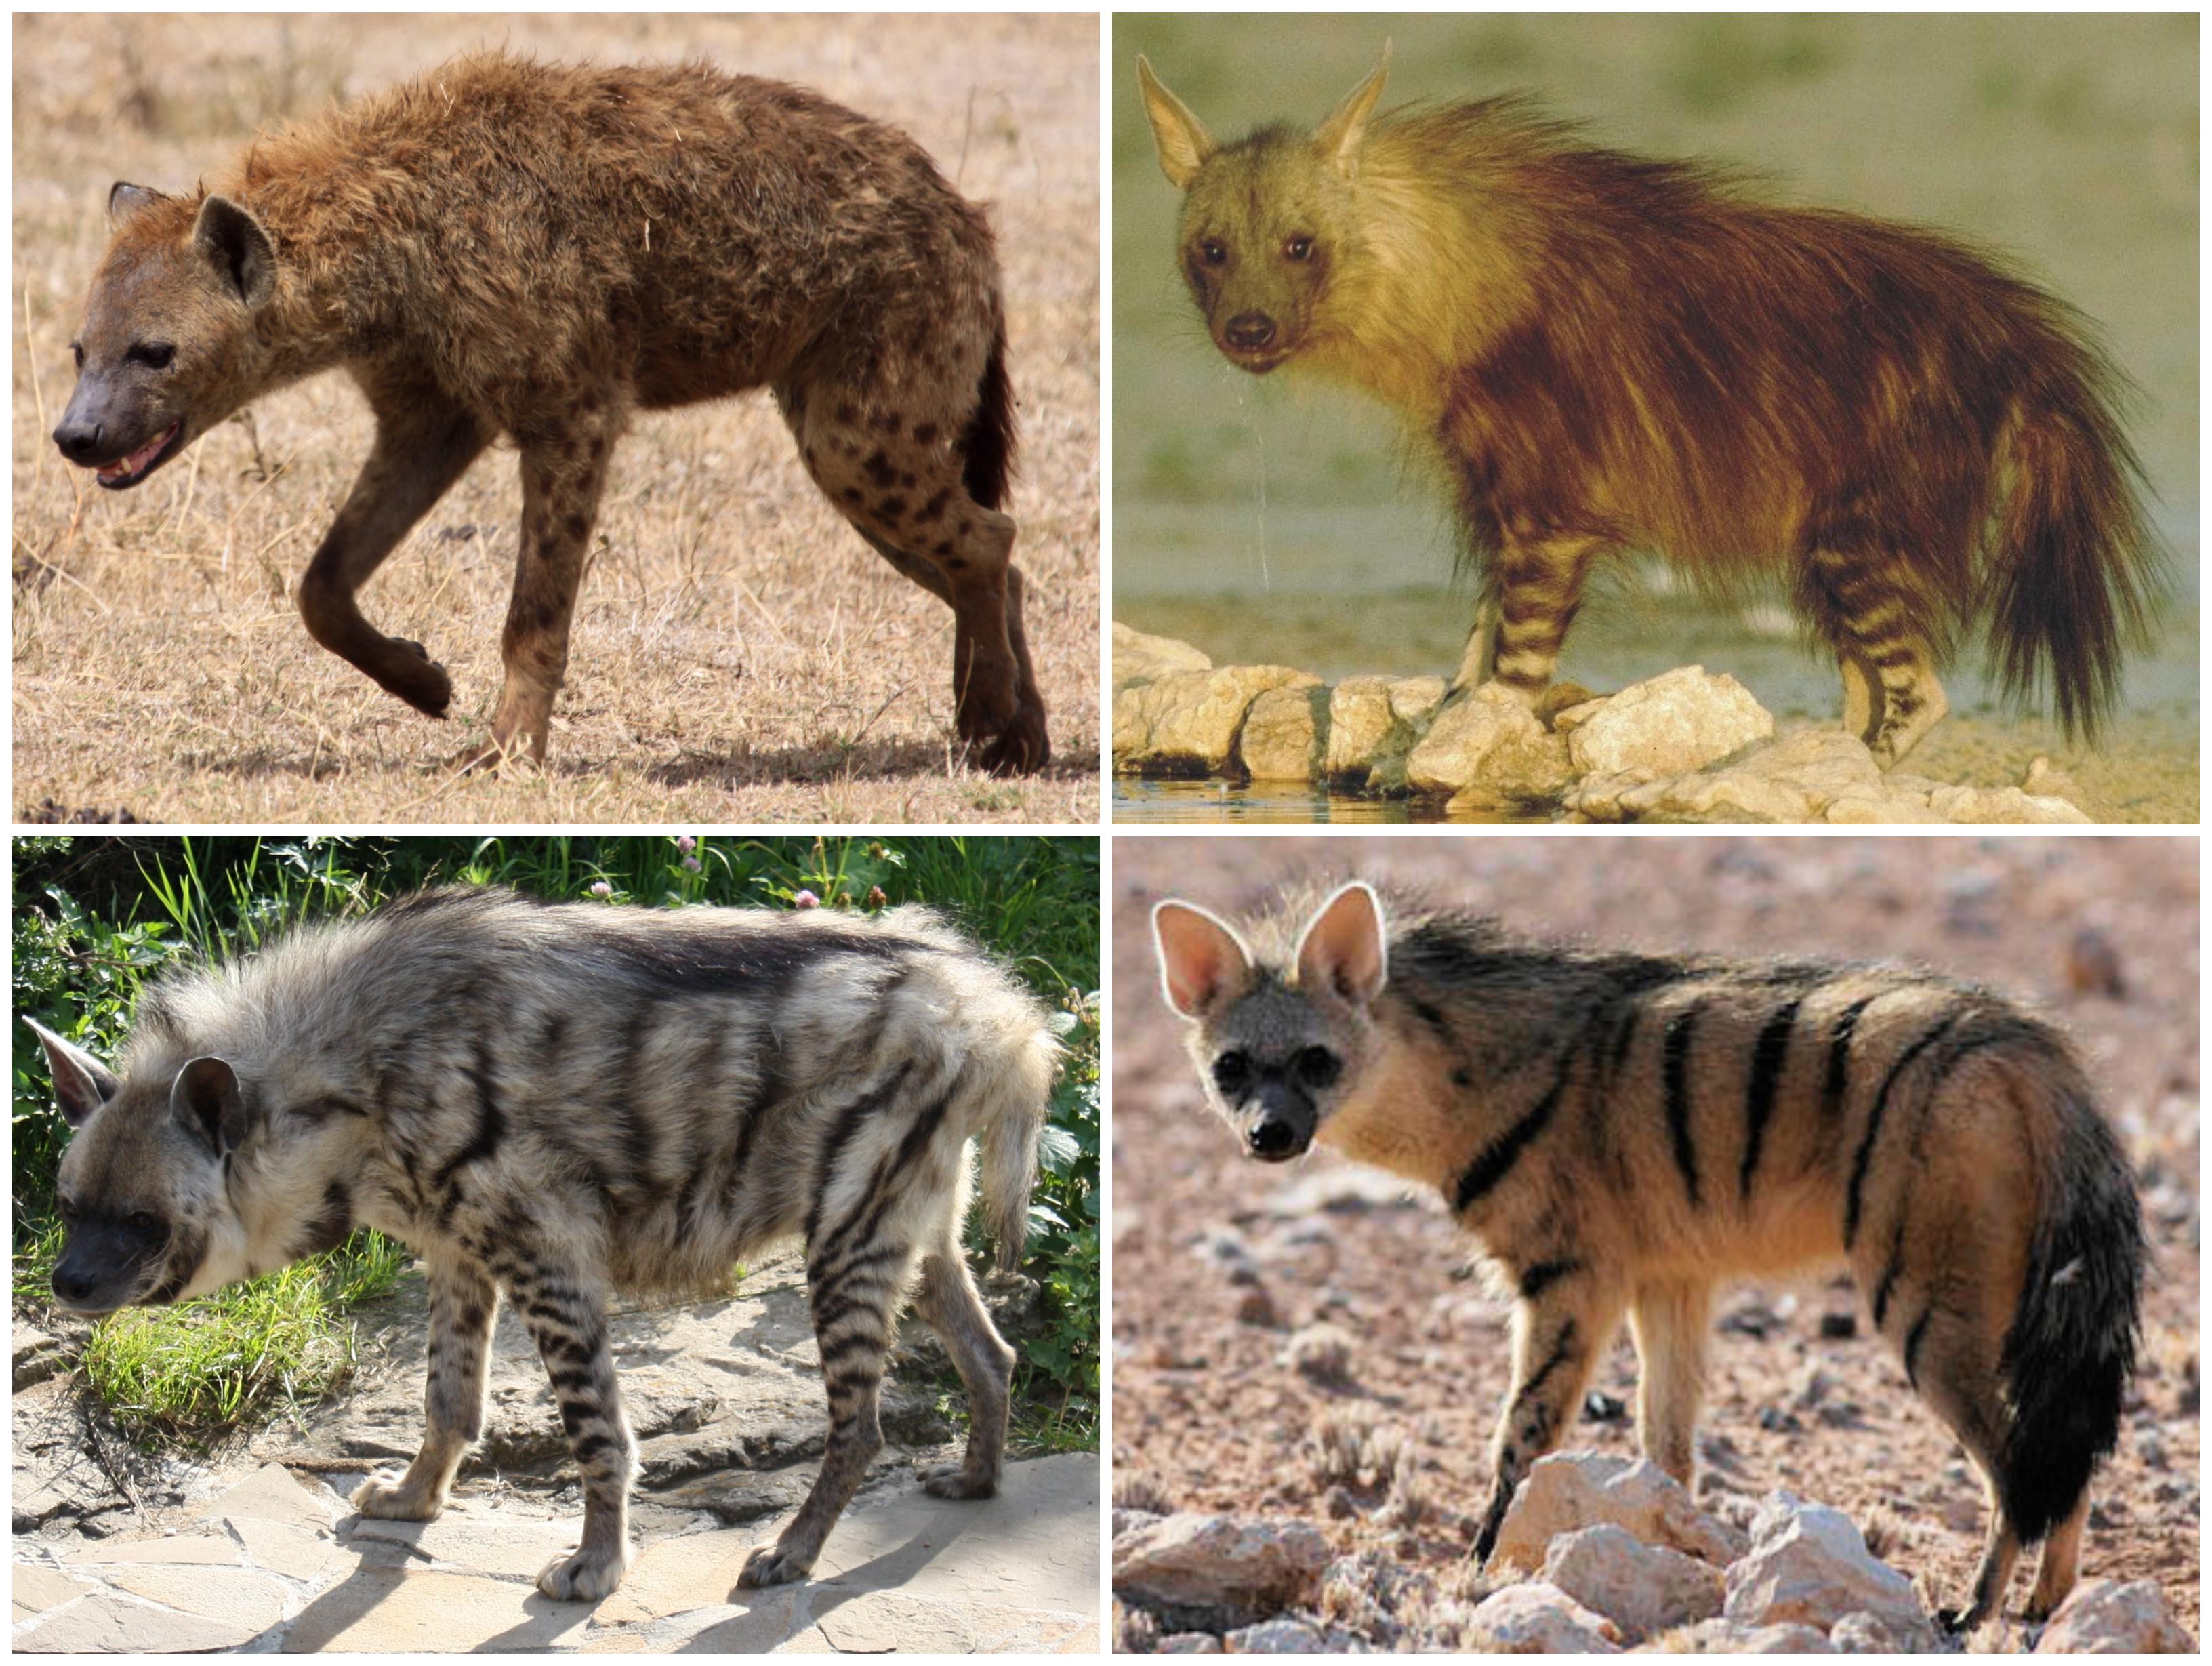 Hyena - Wikipedia